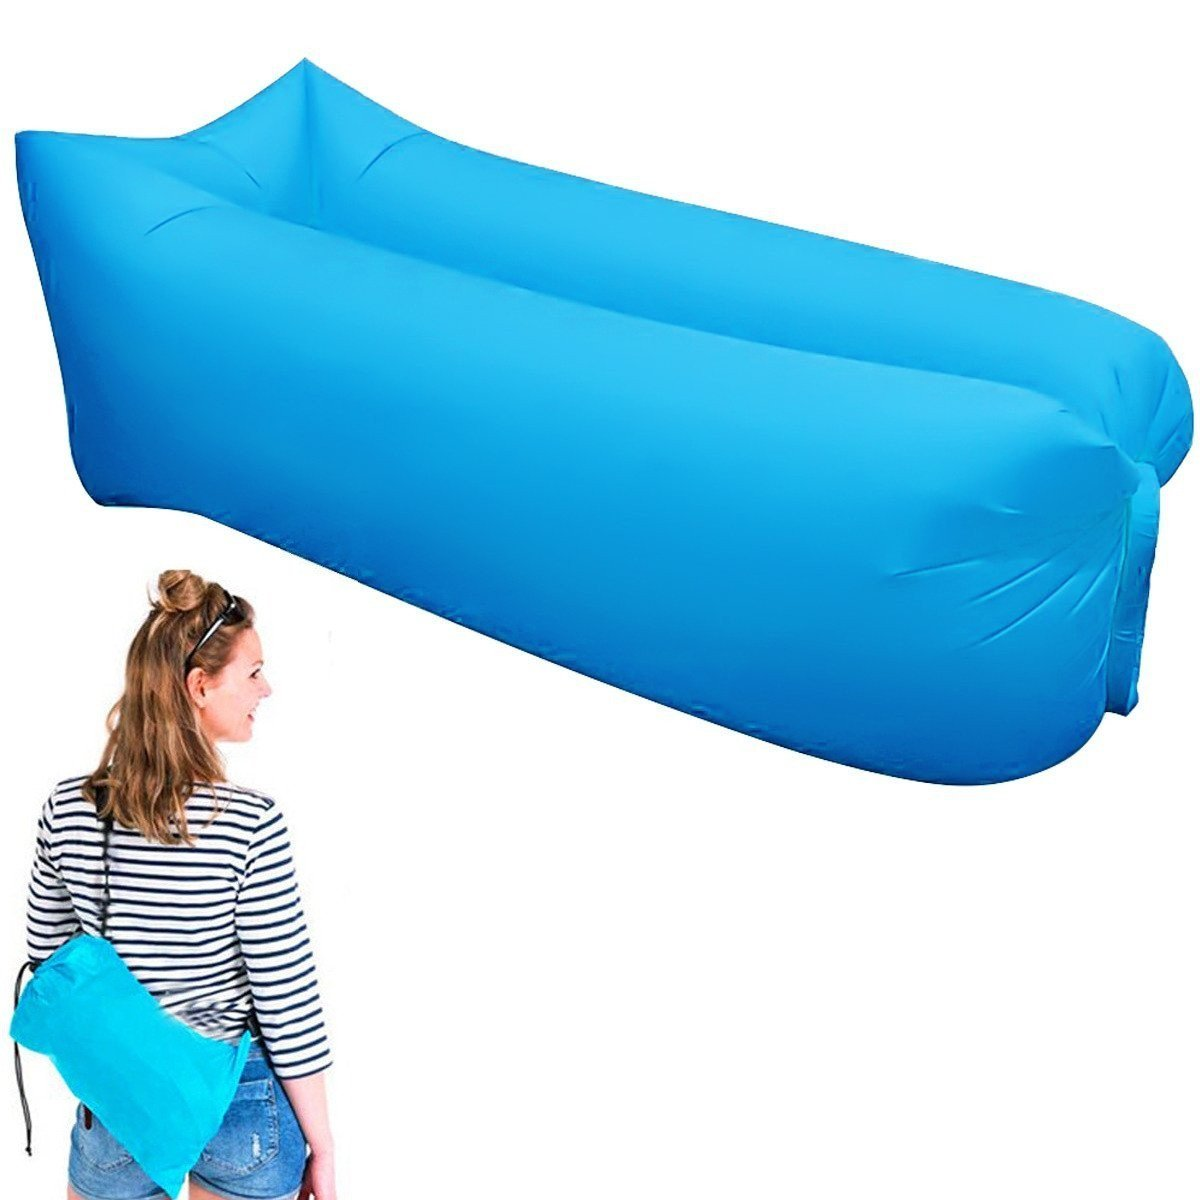 Квадратный быстро надувной шезлонг air сна ленивый мешок кемпинг диван портативный пляж Открытый притон мешок laybag hamac gonflable plage ...